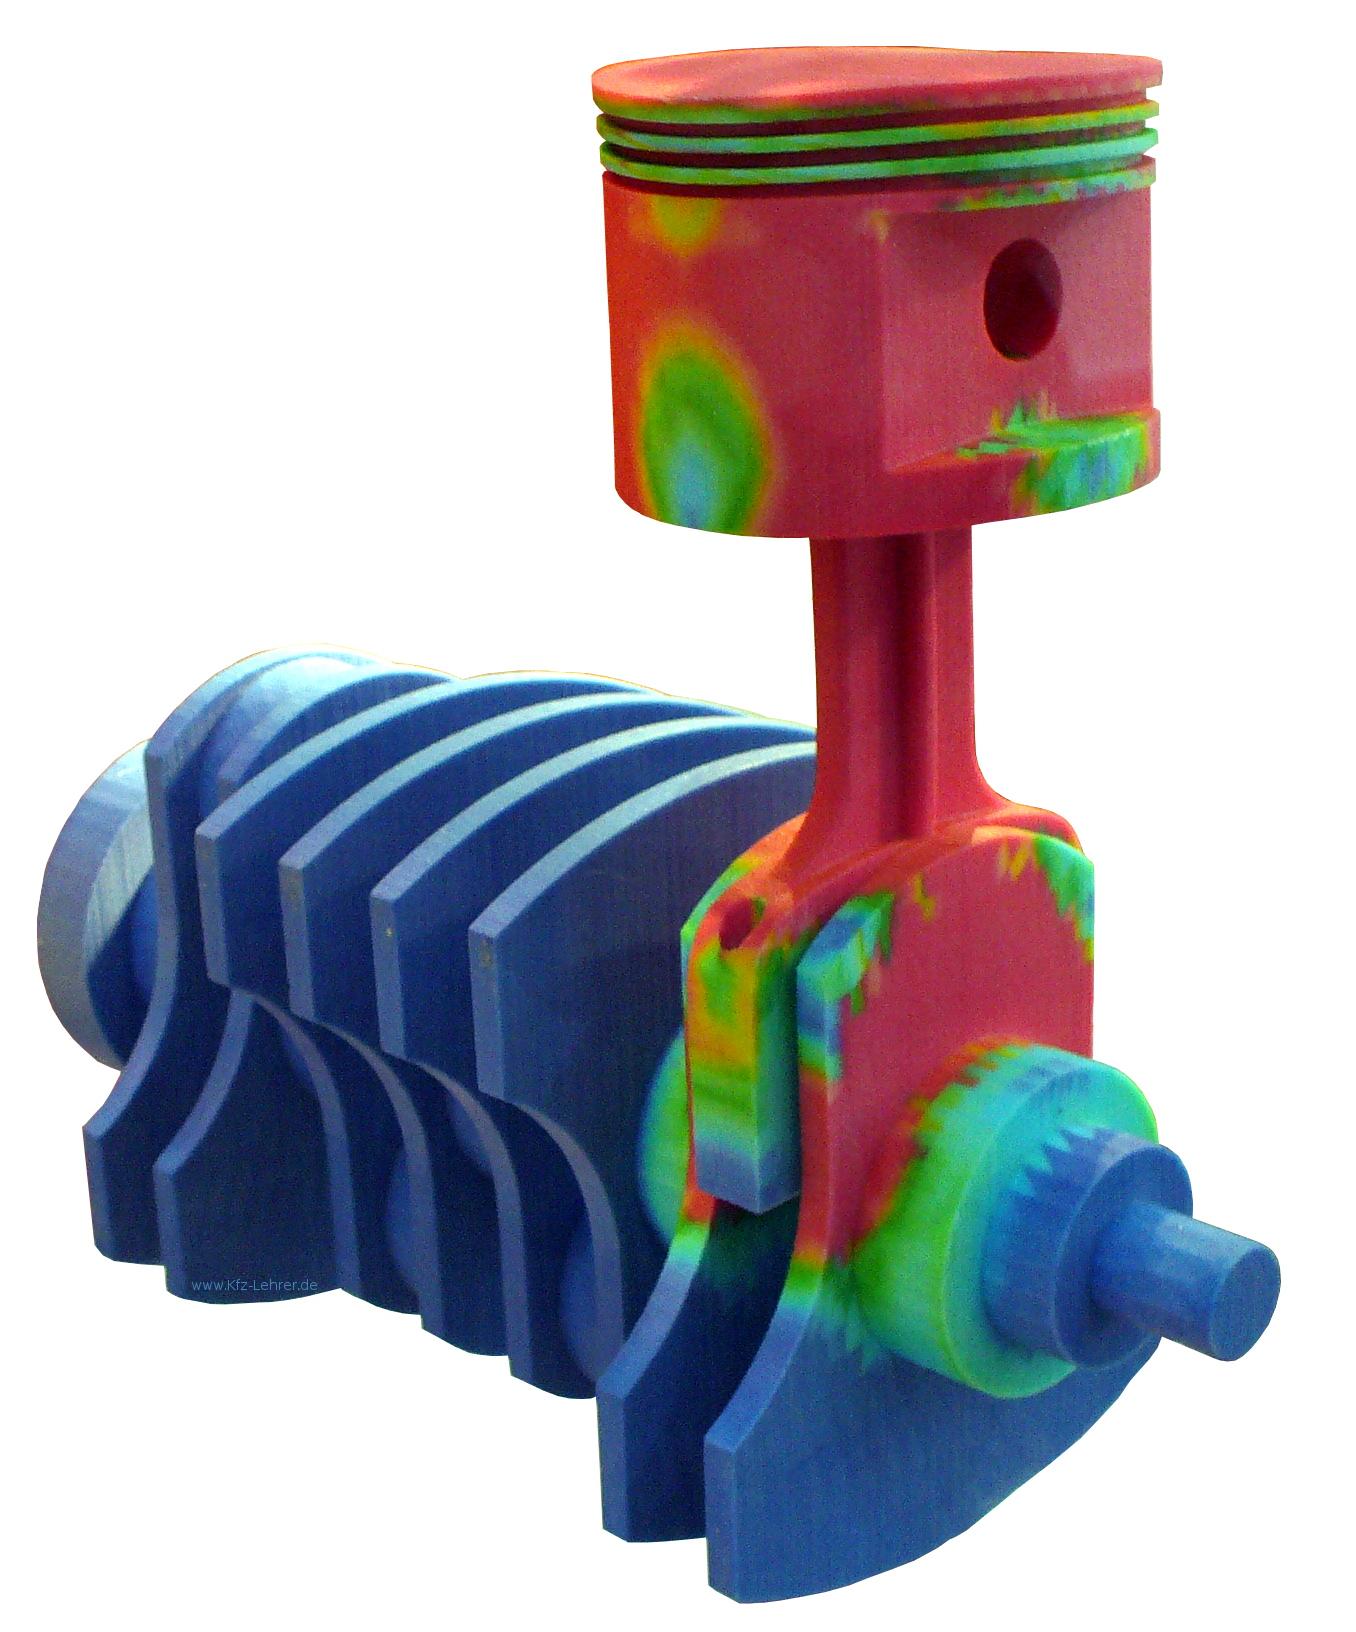 Blick auf eine Kurbelwelle, ein Pleuel und einen Kolben, die im 3-D-Druckverfahren hergestellt wurden